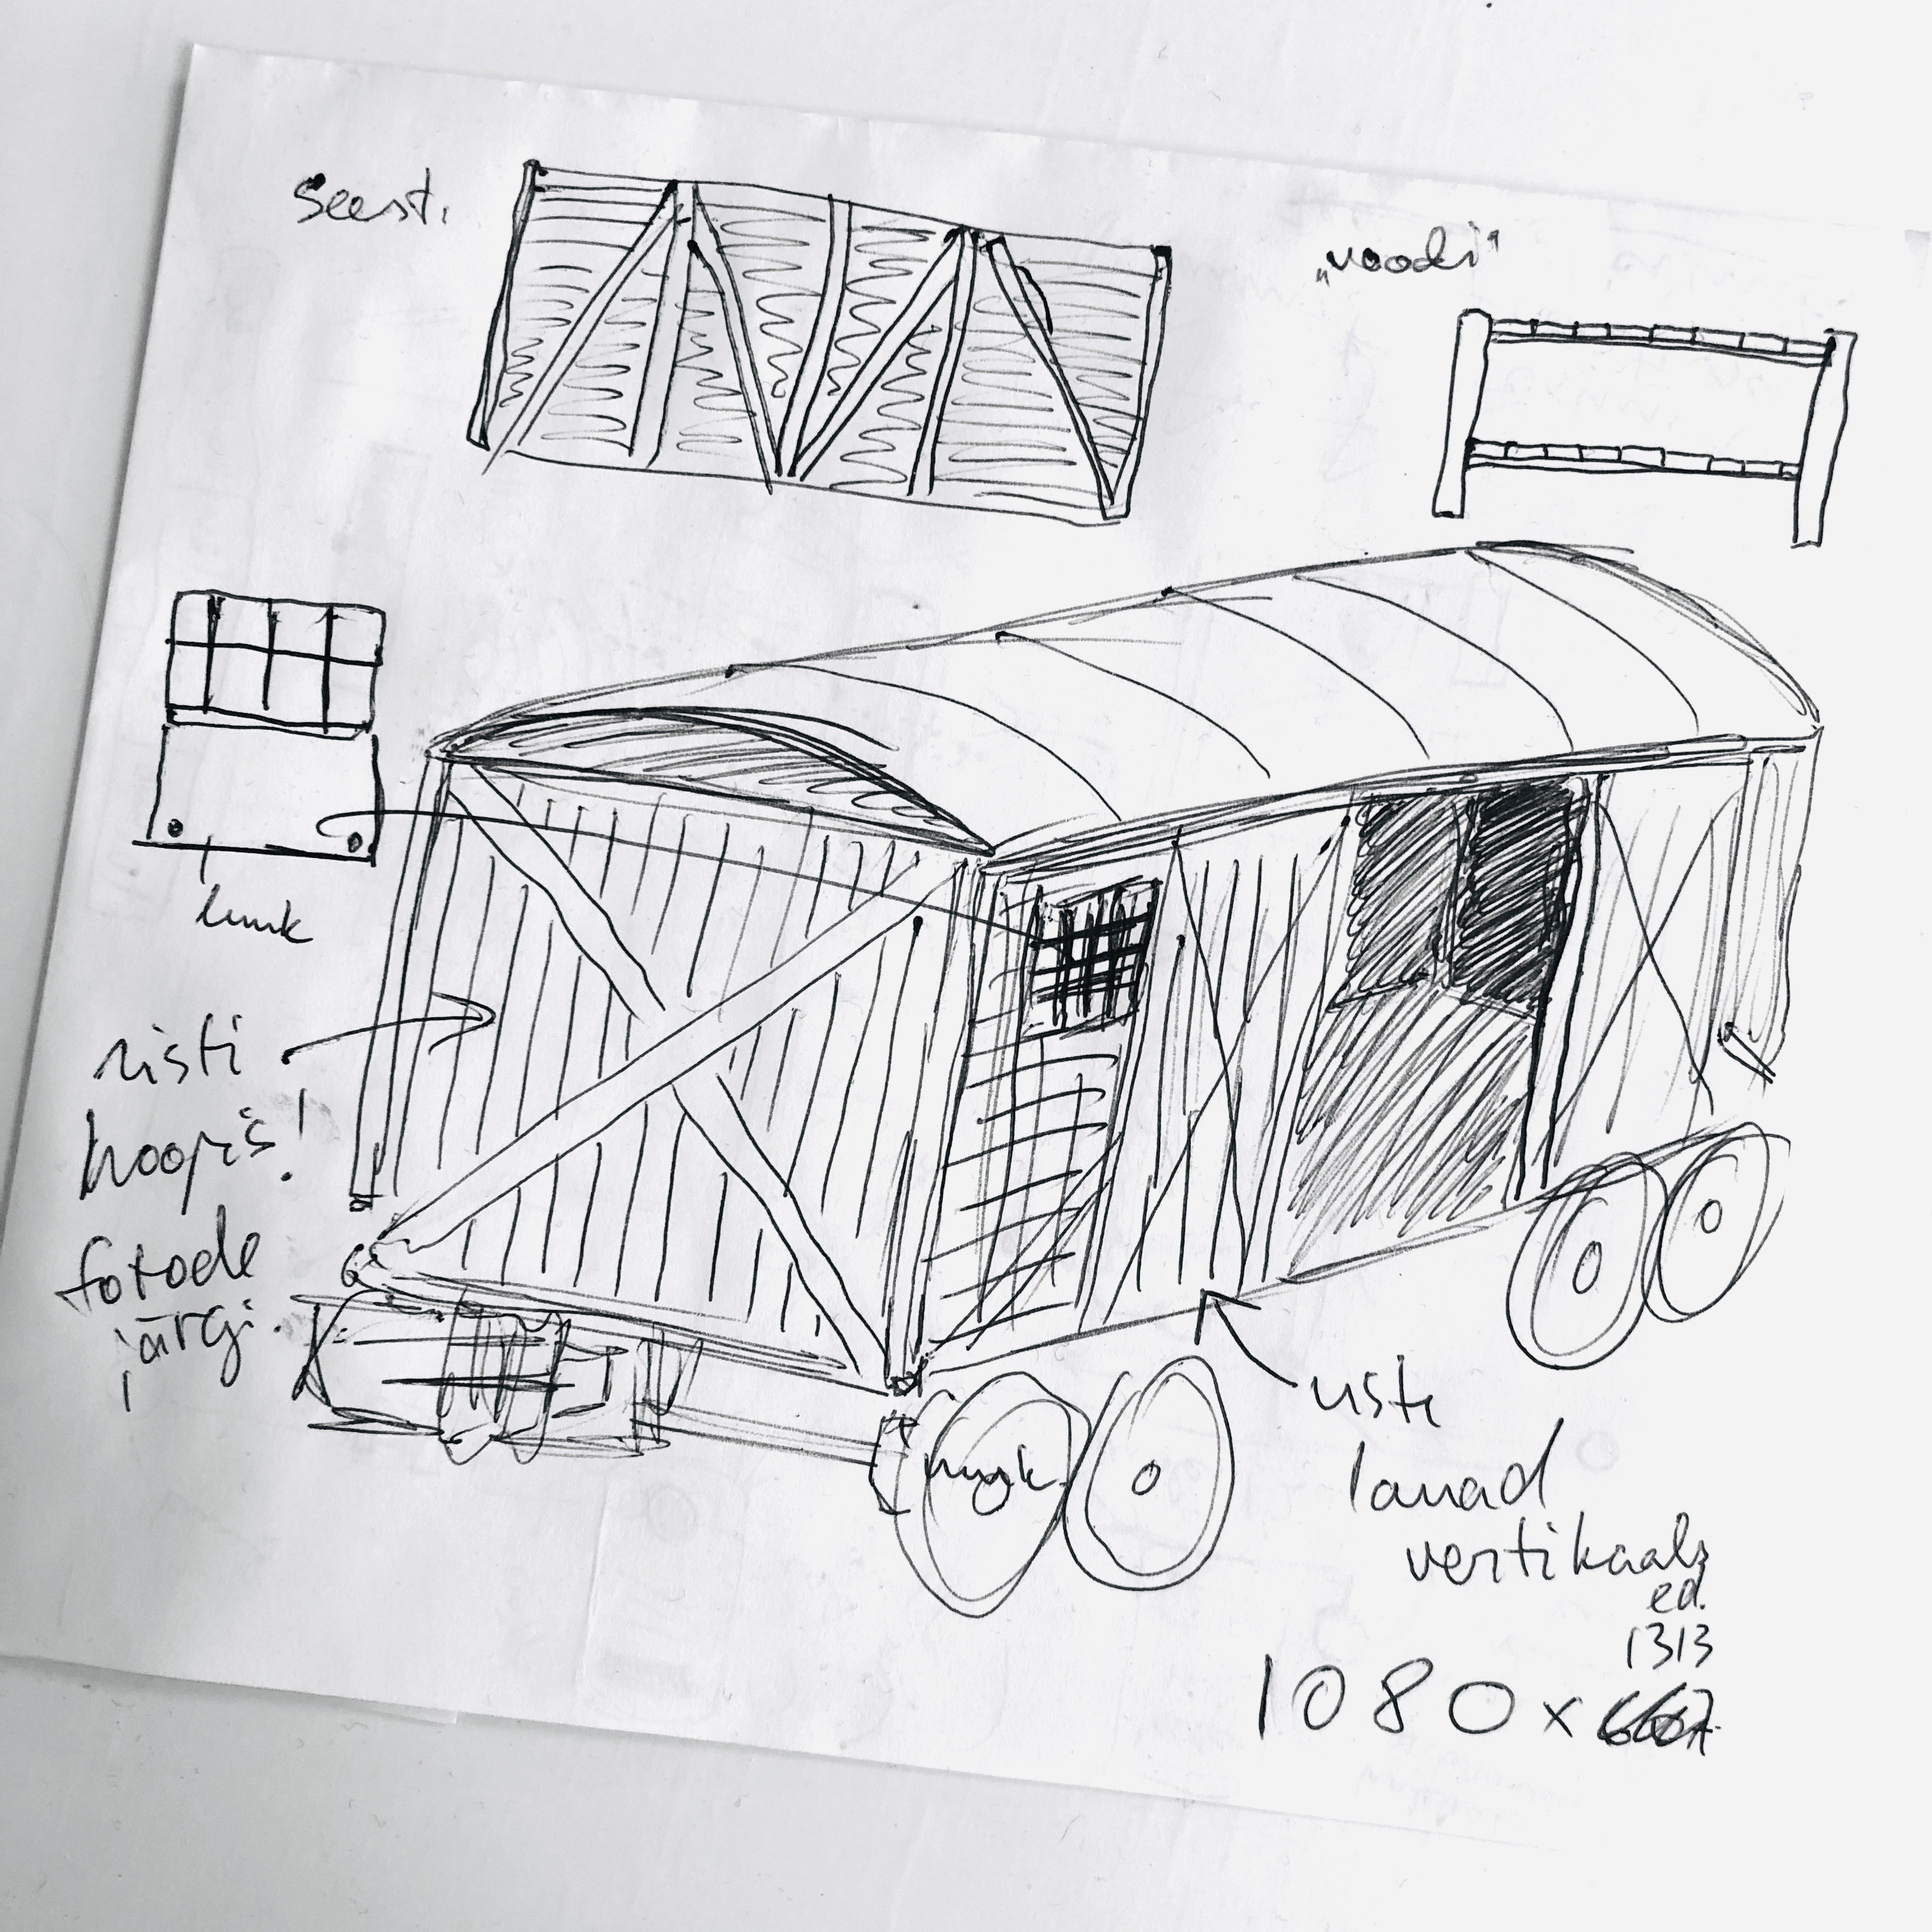 Märtsiküüditamise rongi animatsiooni kavand